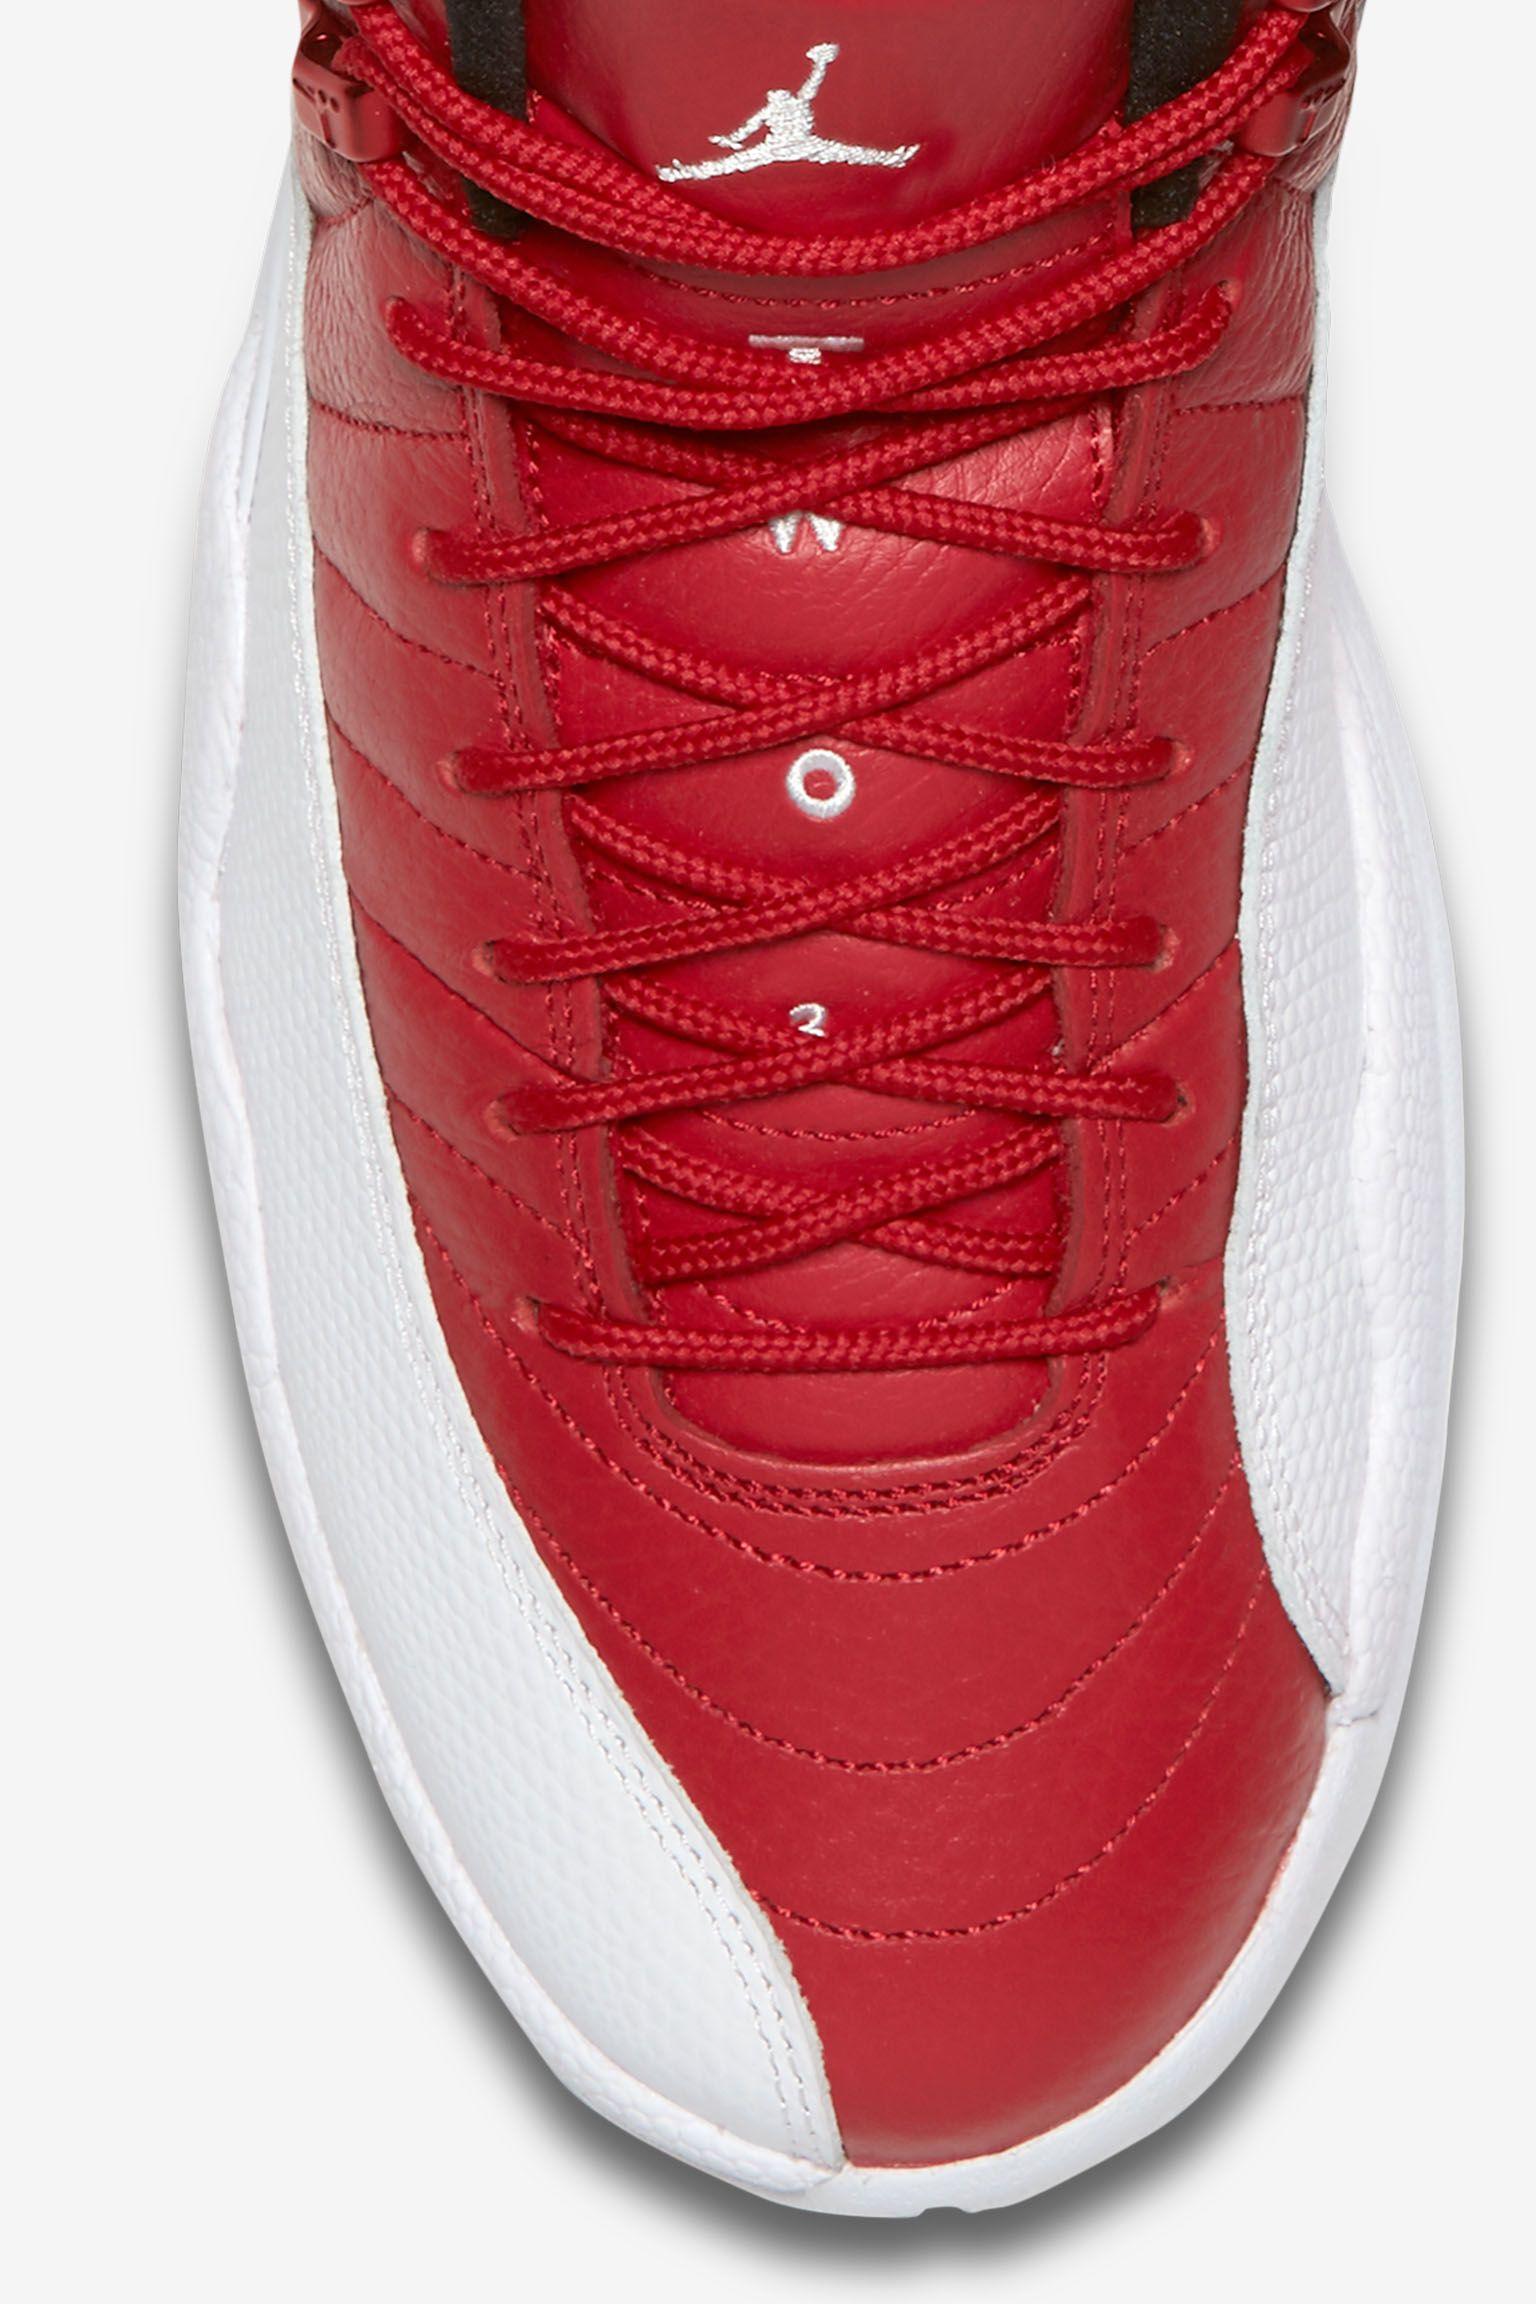 Air Jordan 12 Retro 'Alternate' Release Date